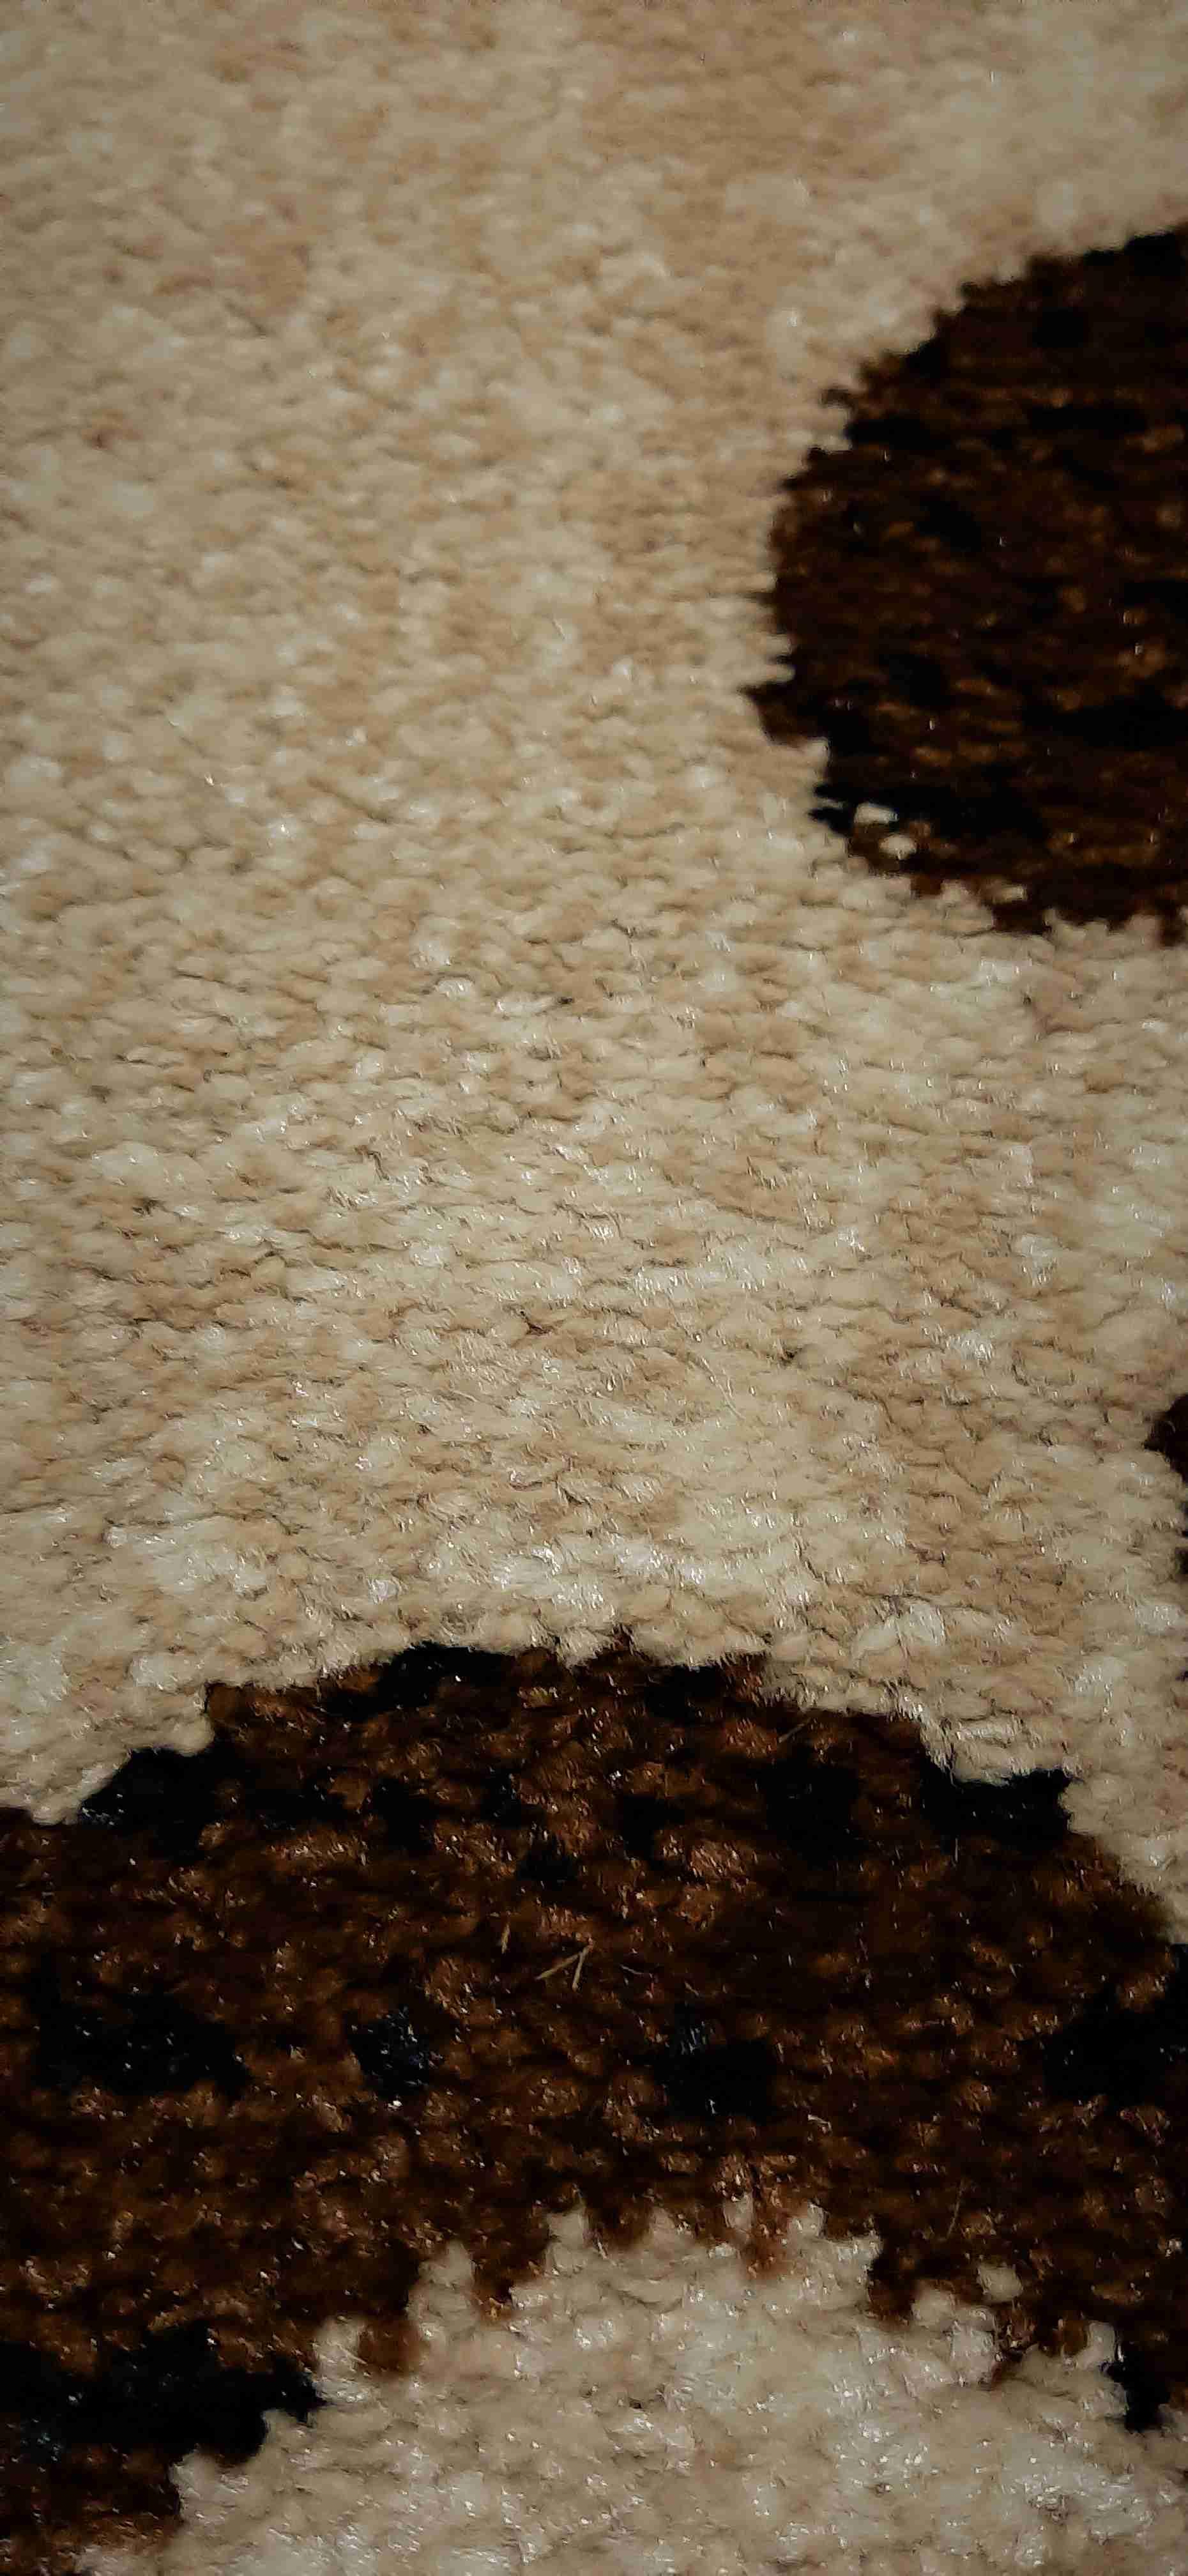 Traversa Covor, Cappuccino 16028-118, Bej / Maro, 100x400 cm, 1800 gr/mp 4